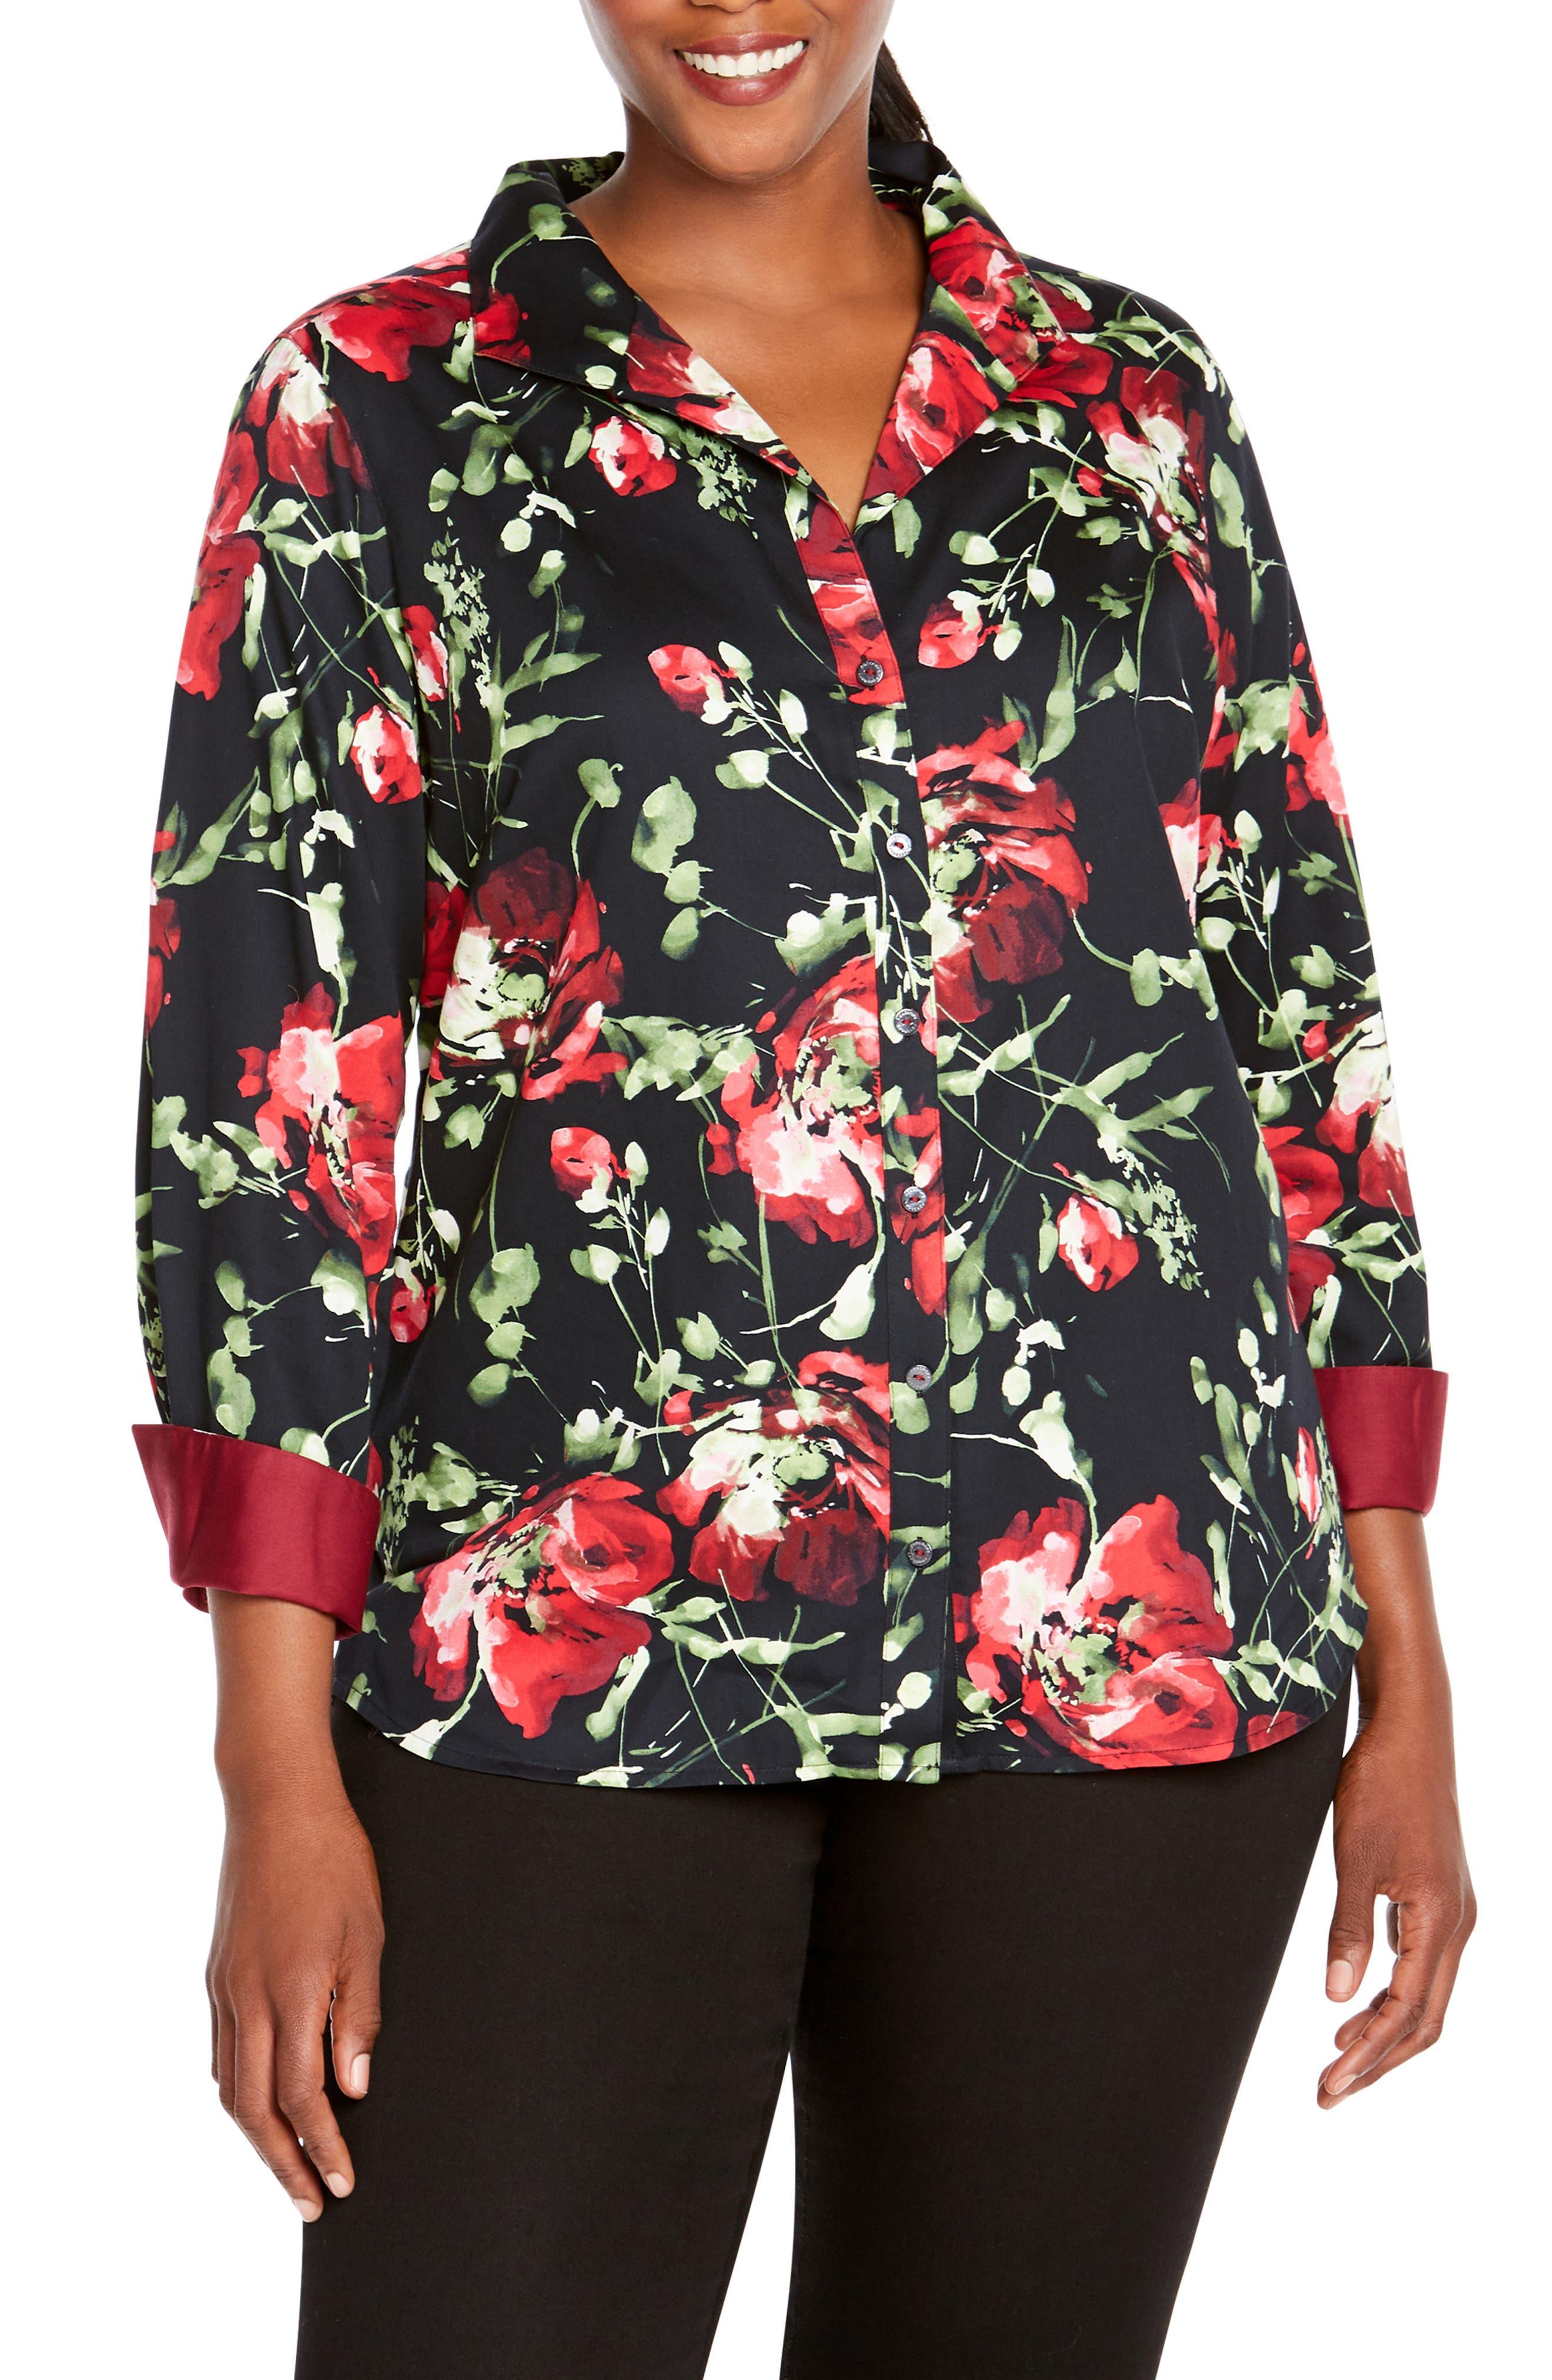 Rhonda in Dreamy Floral Shirt, Main, color, MULTI